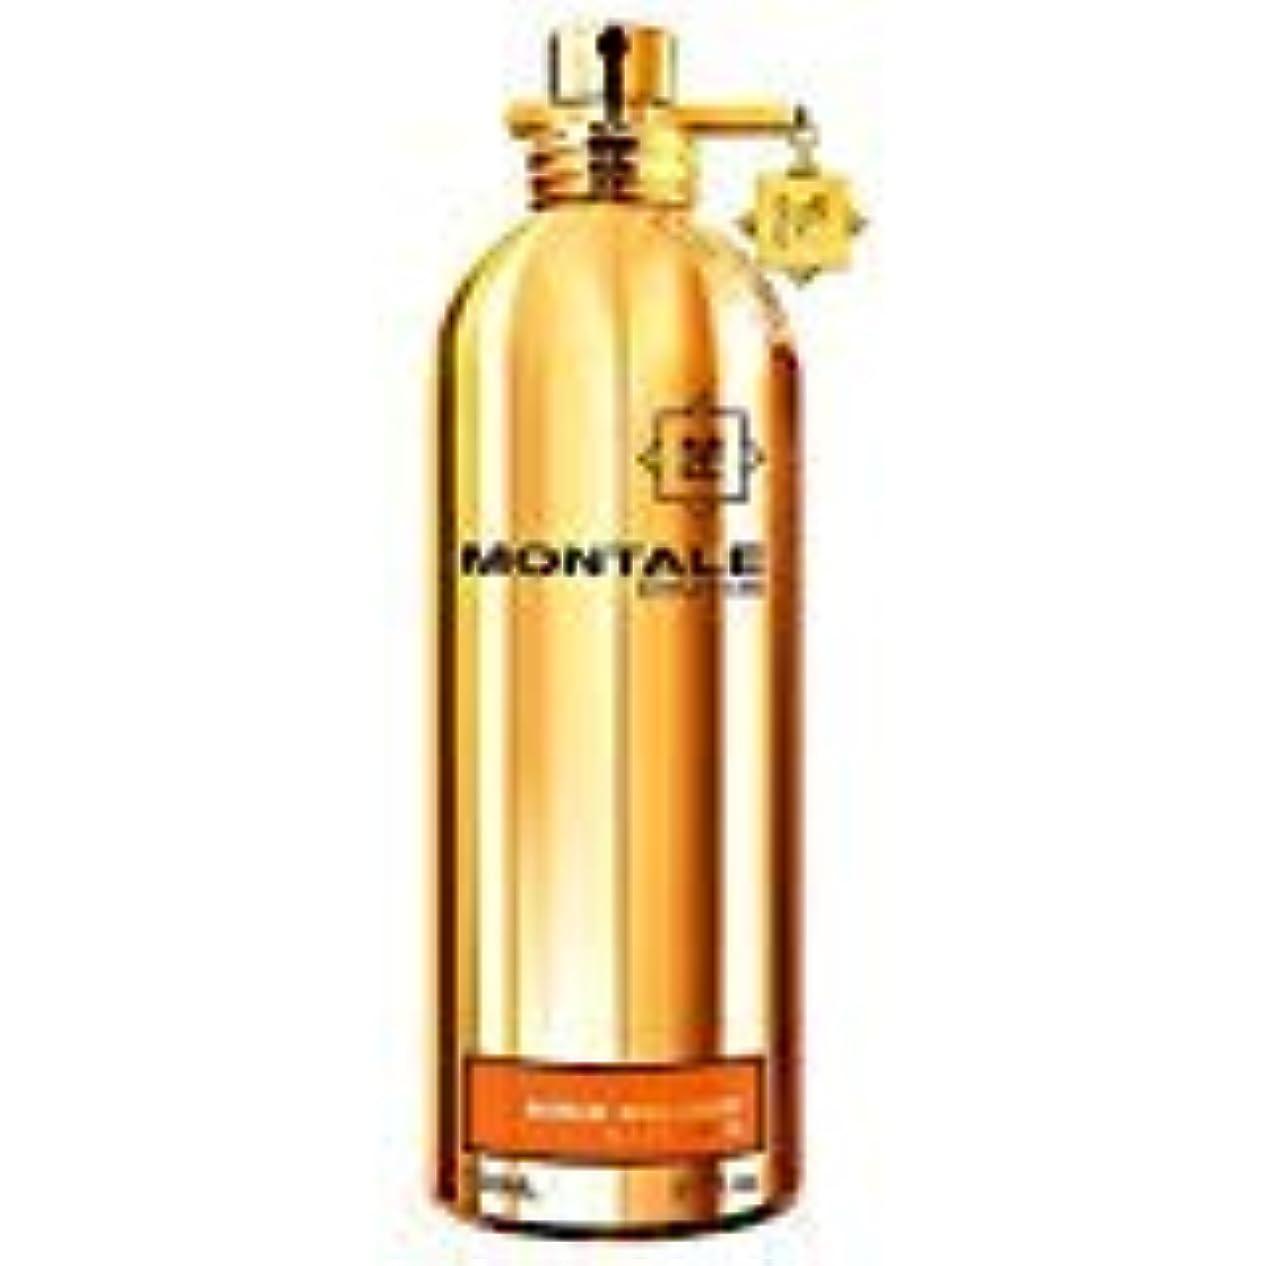 自殺重要な庭園MONTALE AOUD MELODY Eau de Perfume 100ml Made in France 100% 本物のモンターレ アラブ メロディー香水 100 ml フランス製 +2サンプル無料! + 30 mlスキンケア無料!